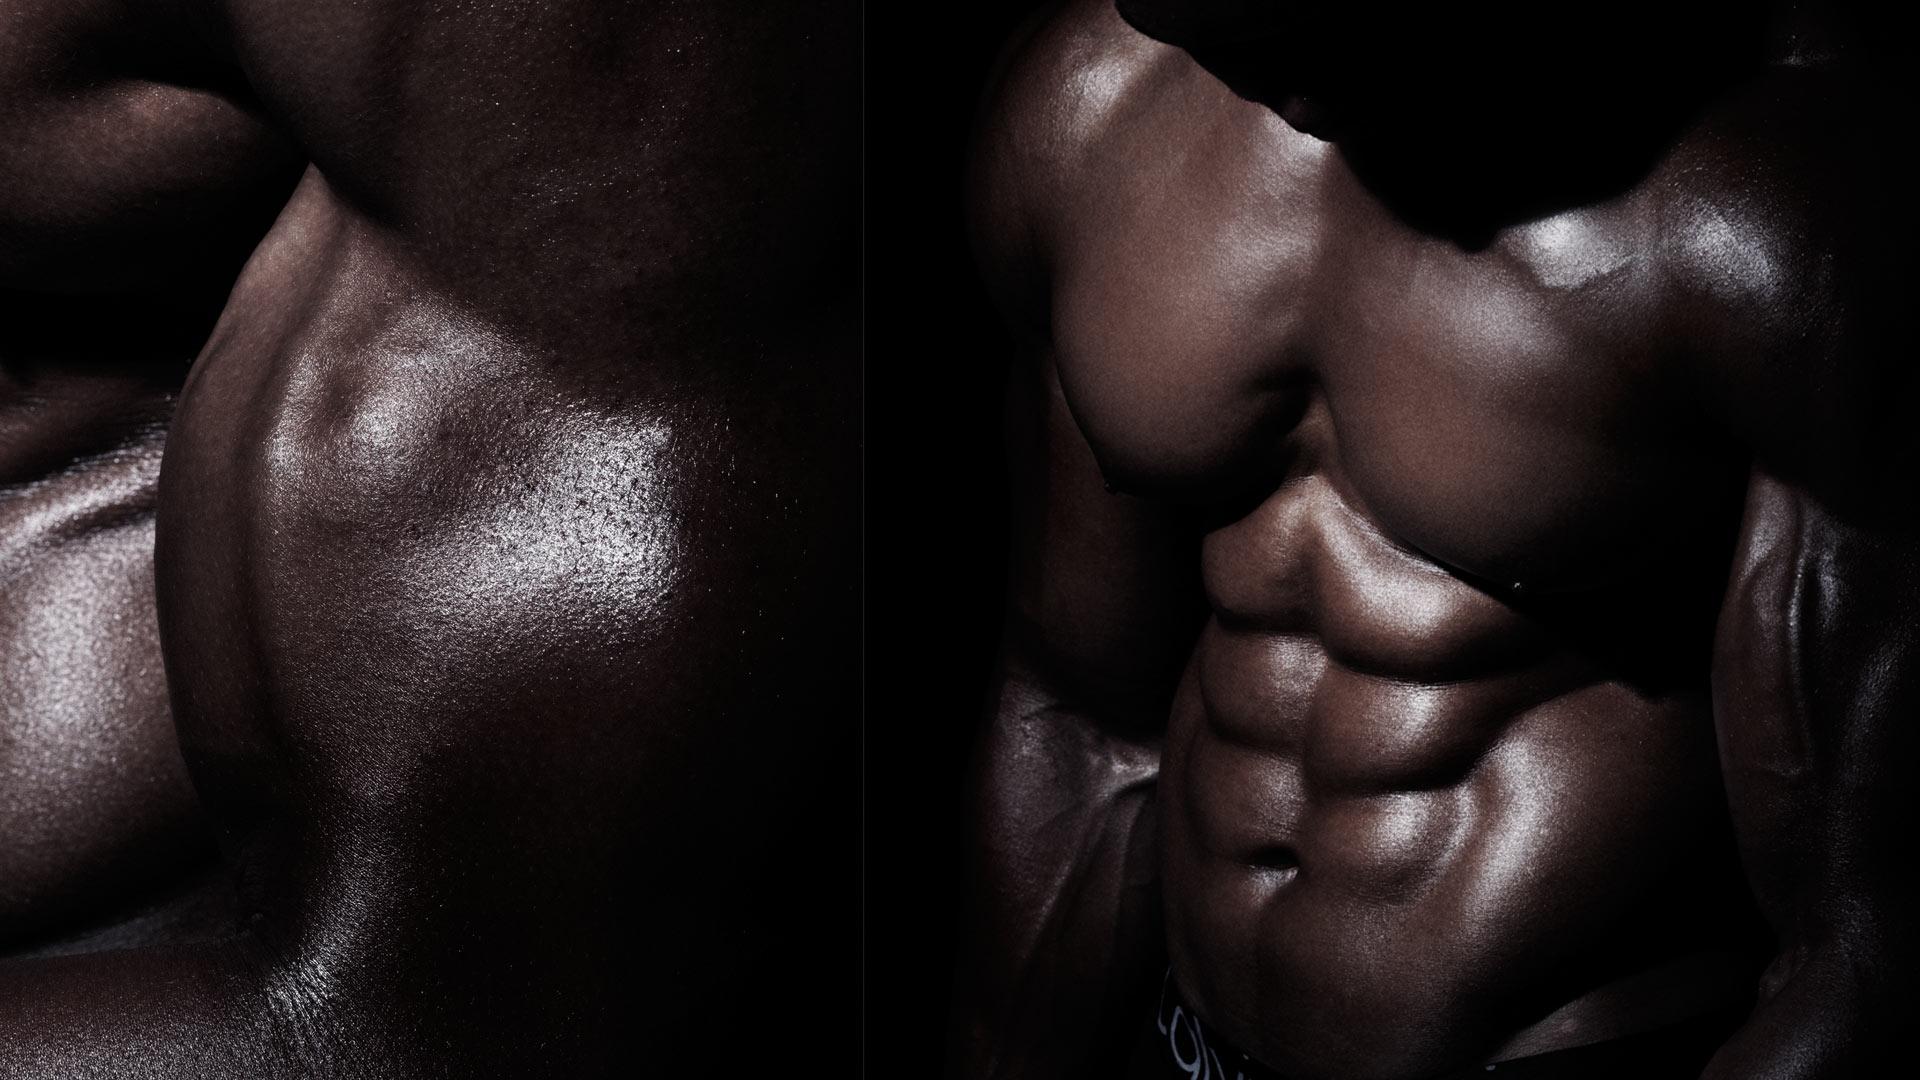 Woman nude bodybuilding nsfw videos